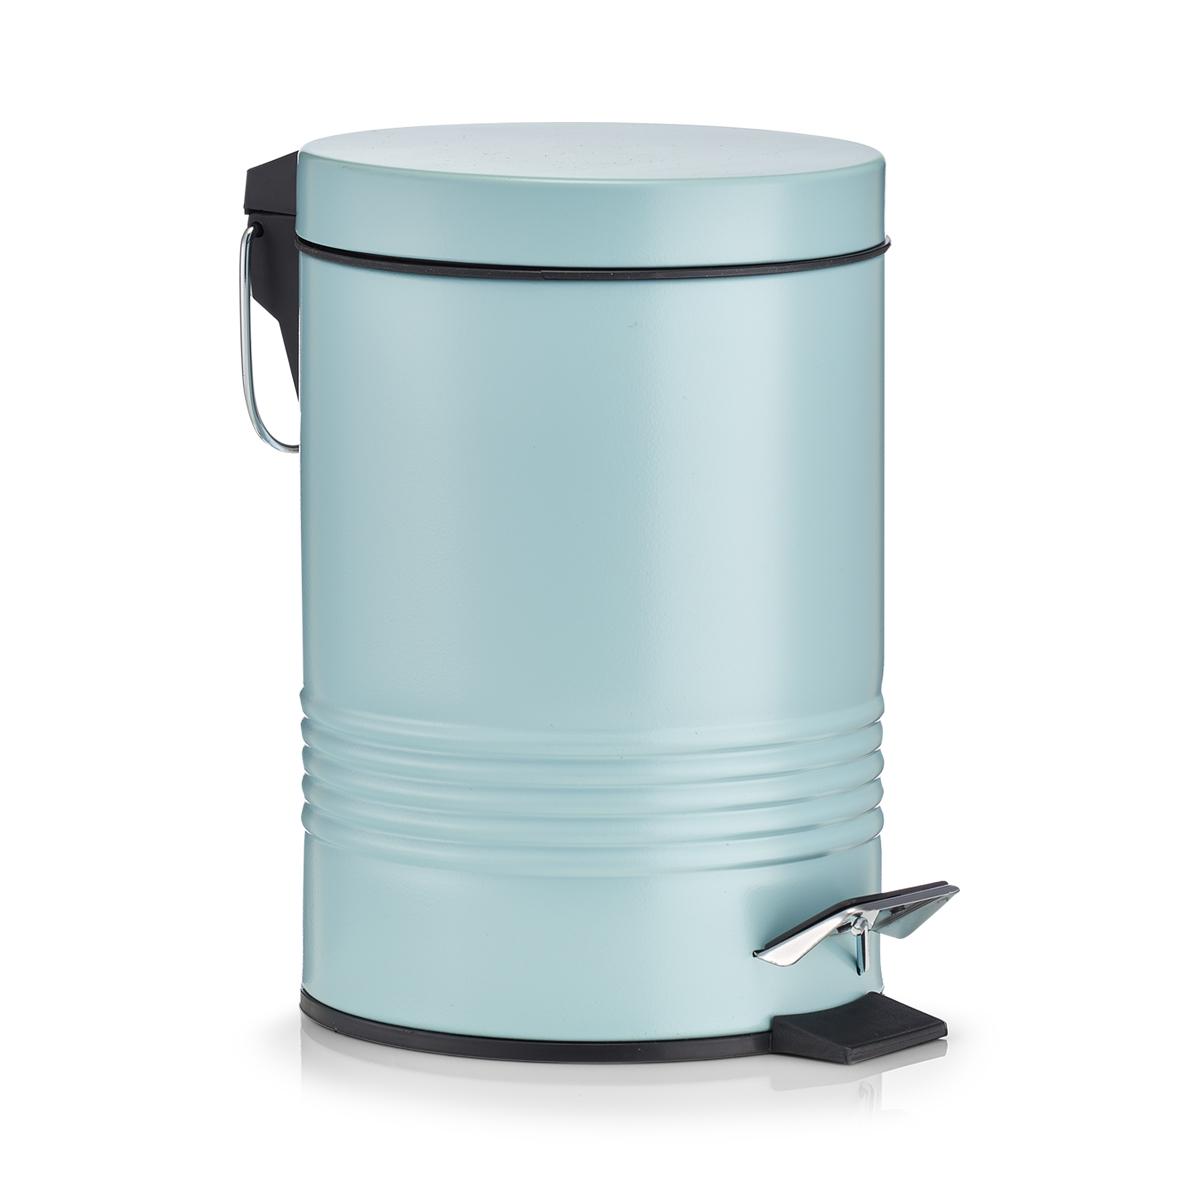 Cos de gunoi cu pedala pentru baie, Mint, 3L imagine